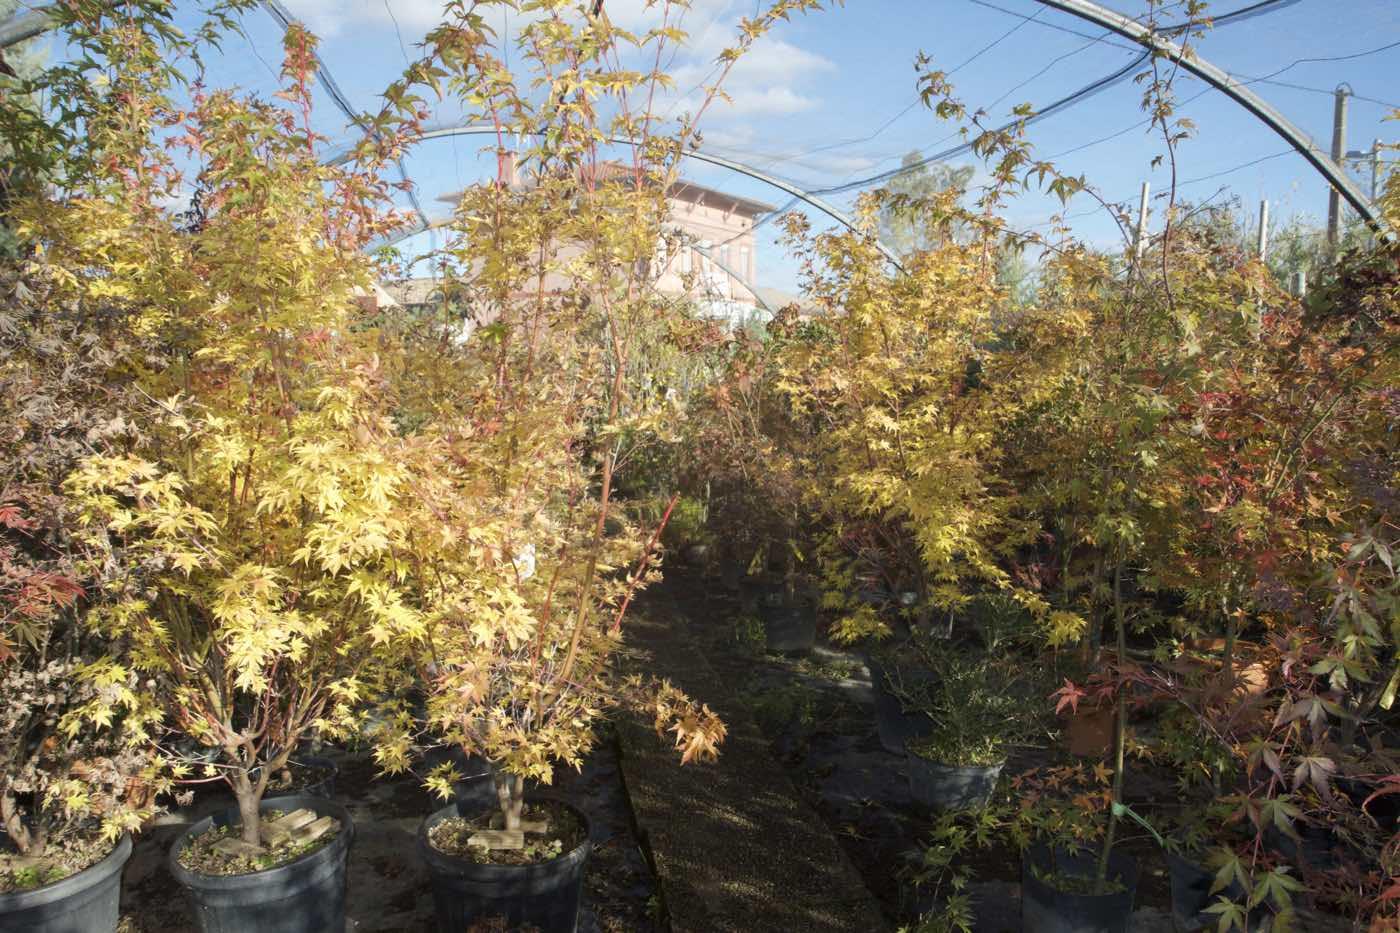 Vente d'erable du japon - acer palmatum- - Pépinière de l'Aiguillon producteur à Toulouse